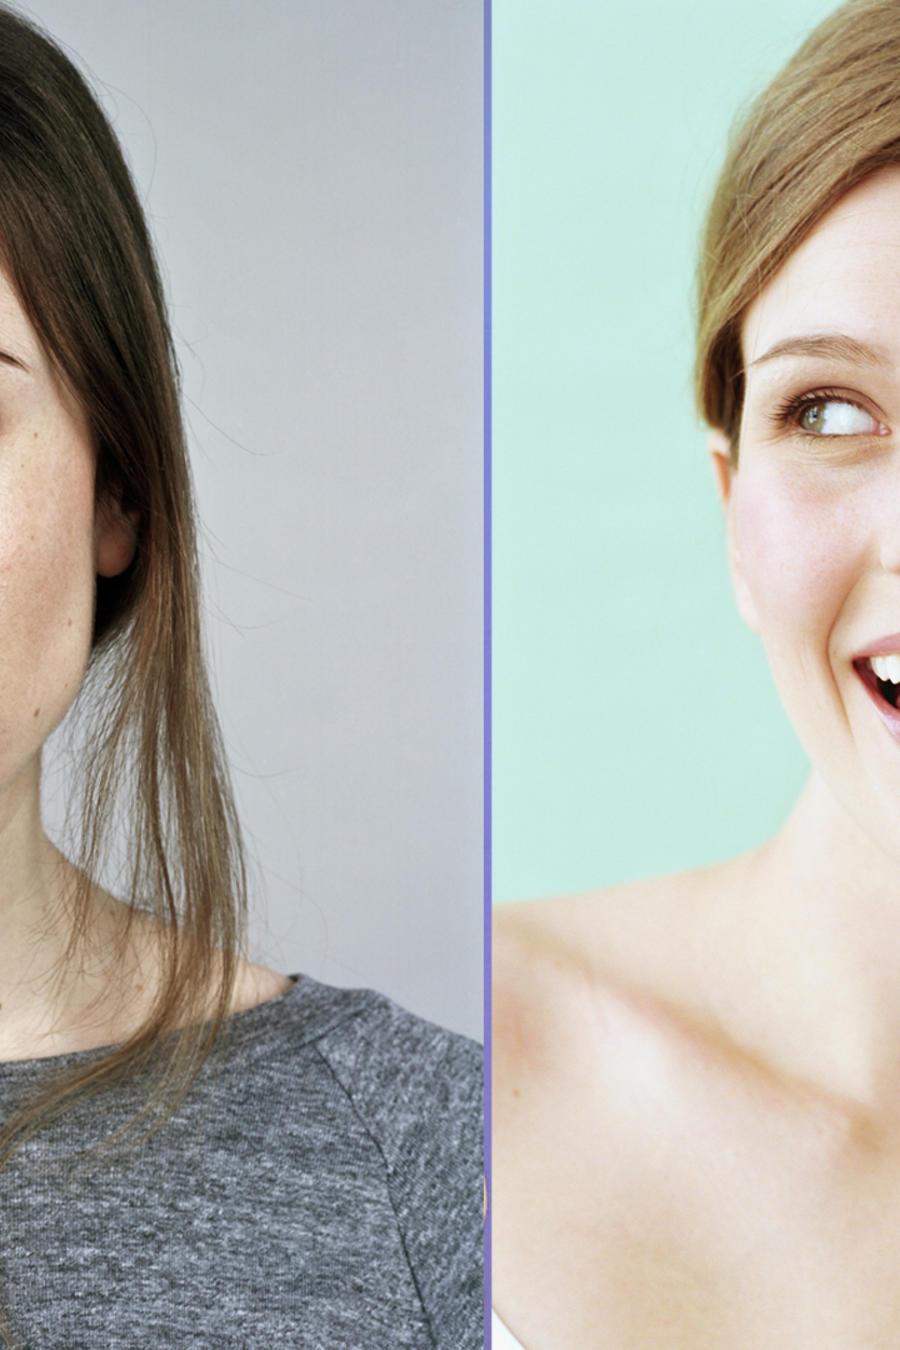 Mujeres combatiendo las ojeras